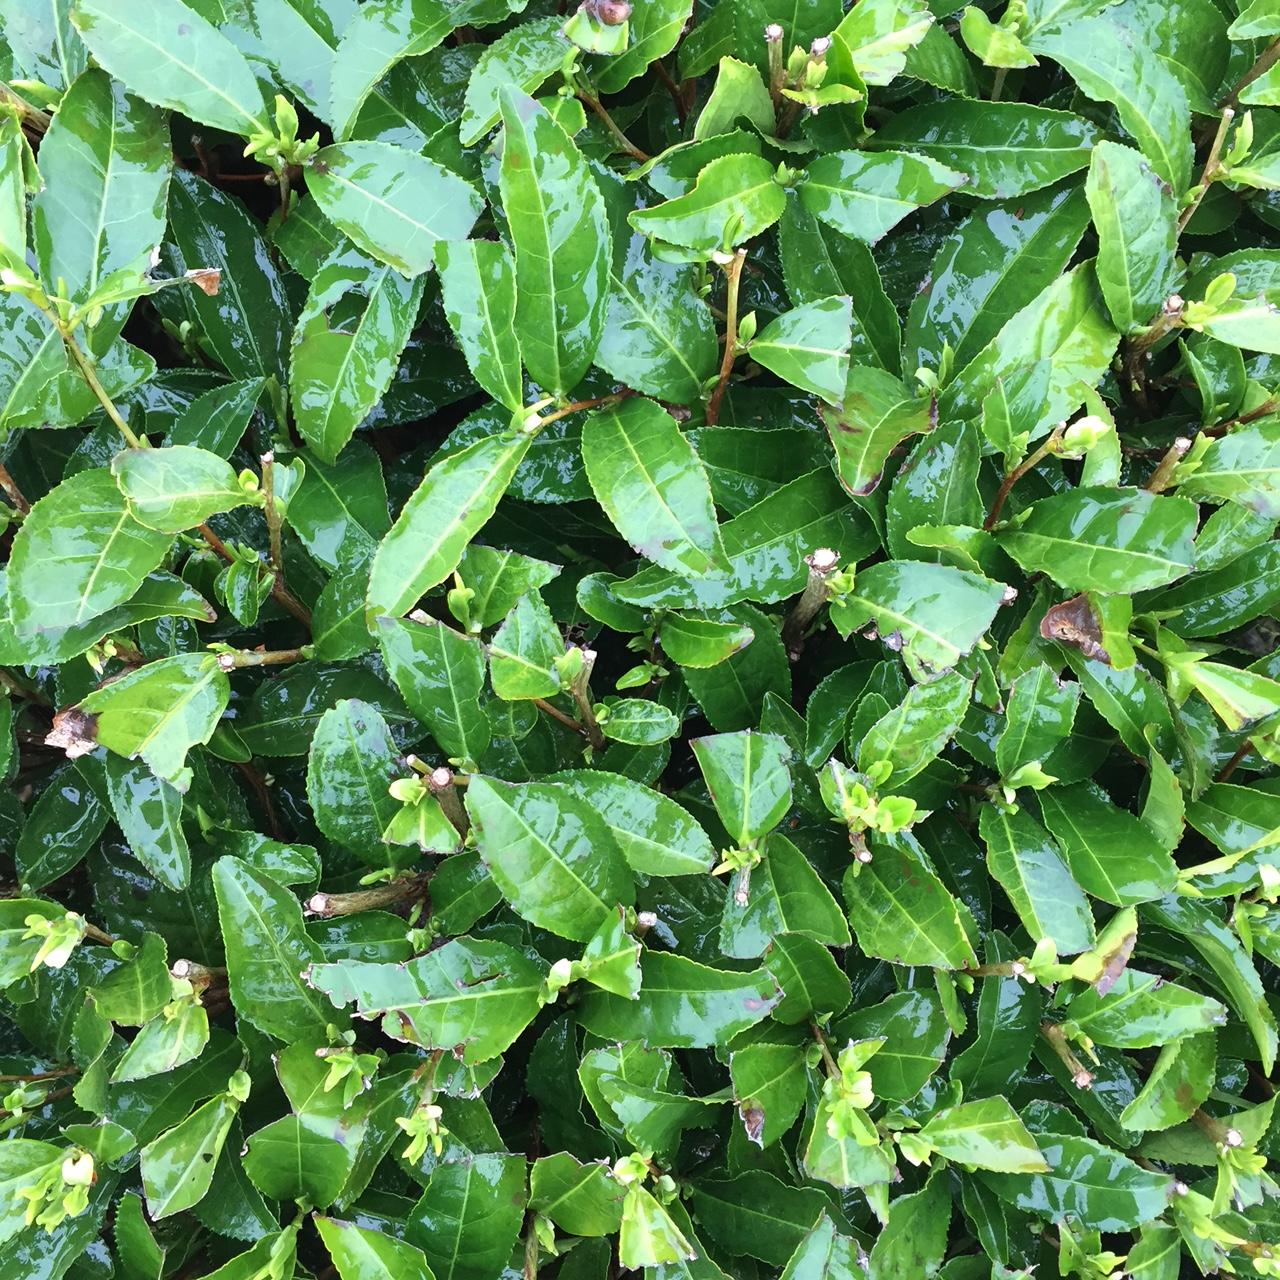 2017年4月10日かごしま緑茶の茶園風景です。品種はヤブキタです。まだまだお休み中です。